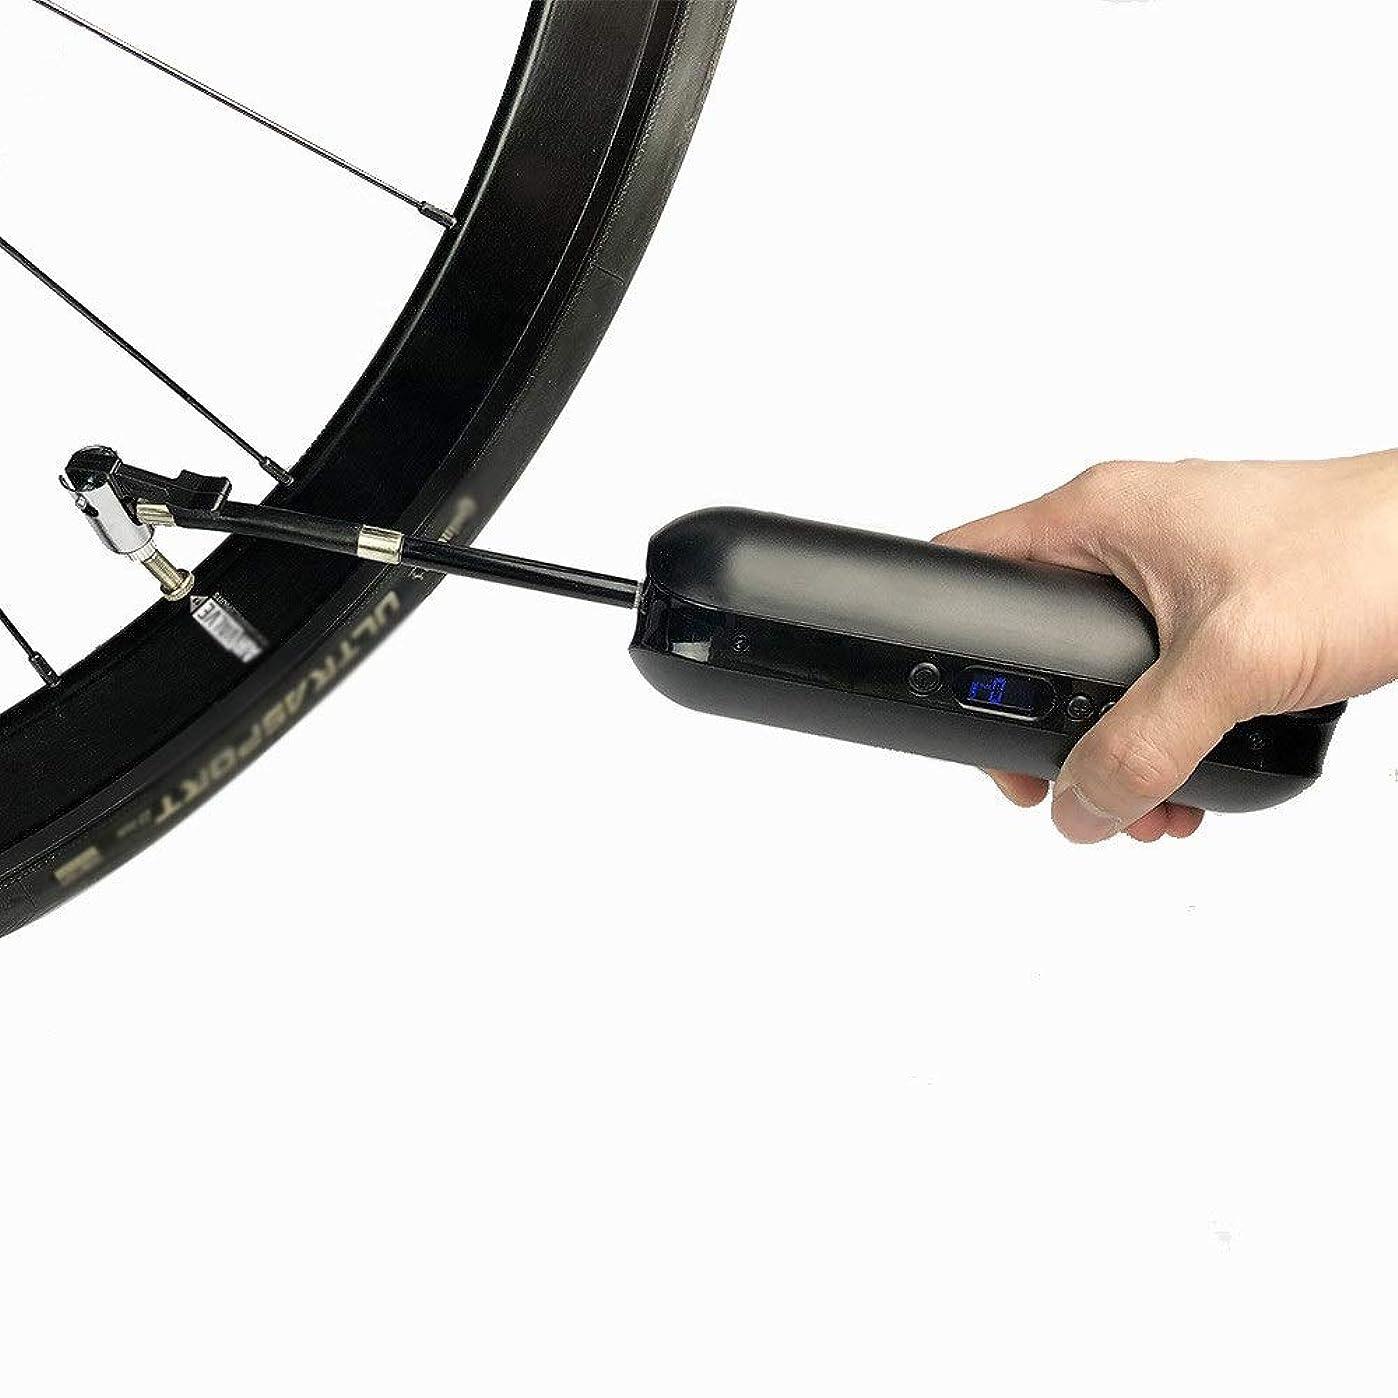 野球クラシカルパンチ道MTBのバイクおよび車のためのLcdの圧力dispayのUSBの充満自転車の折衷的な高圧床ポンプ タイヤインフレータ (色 : ブラック, サイズ : 5*5*18cm)